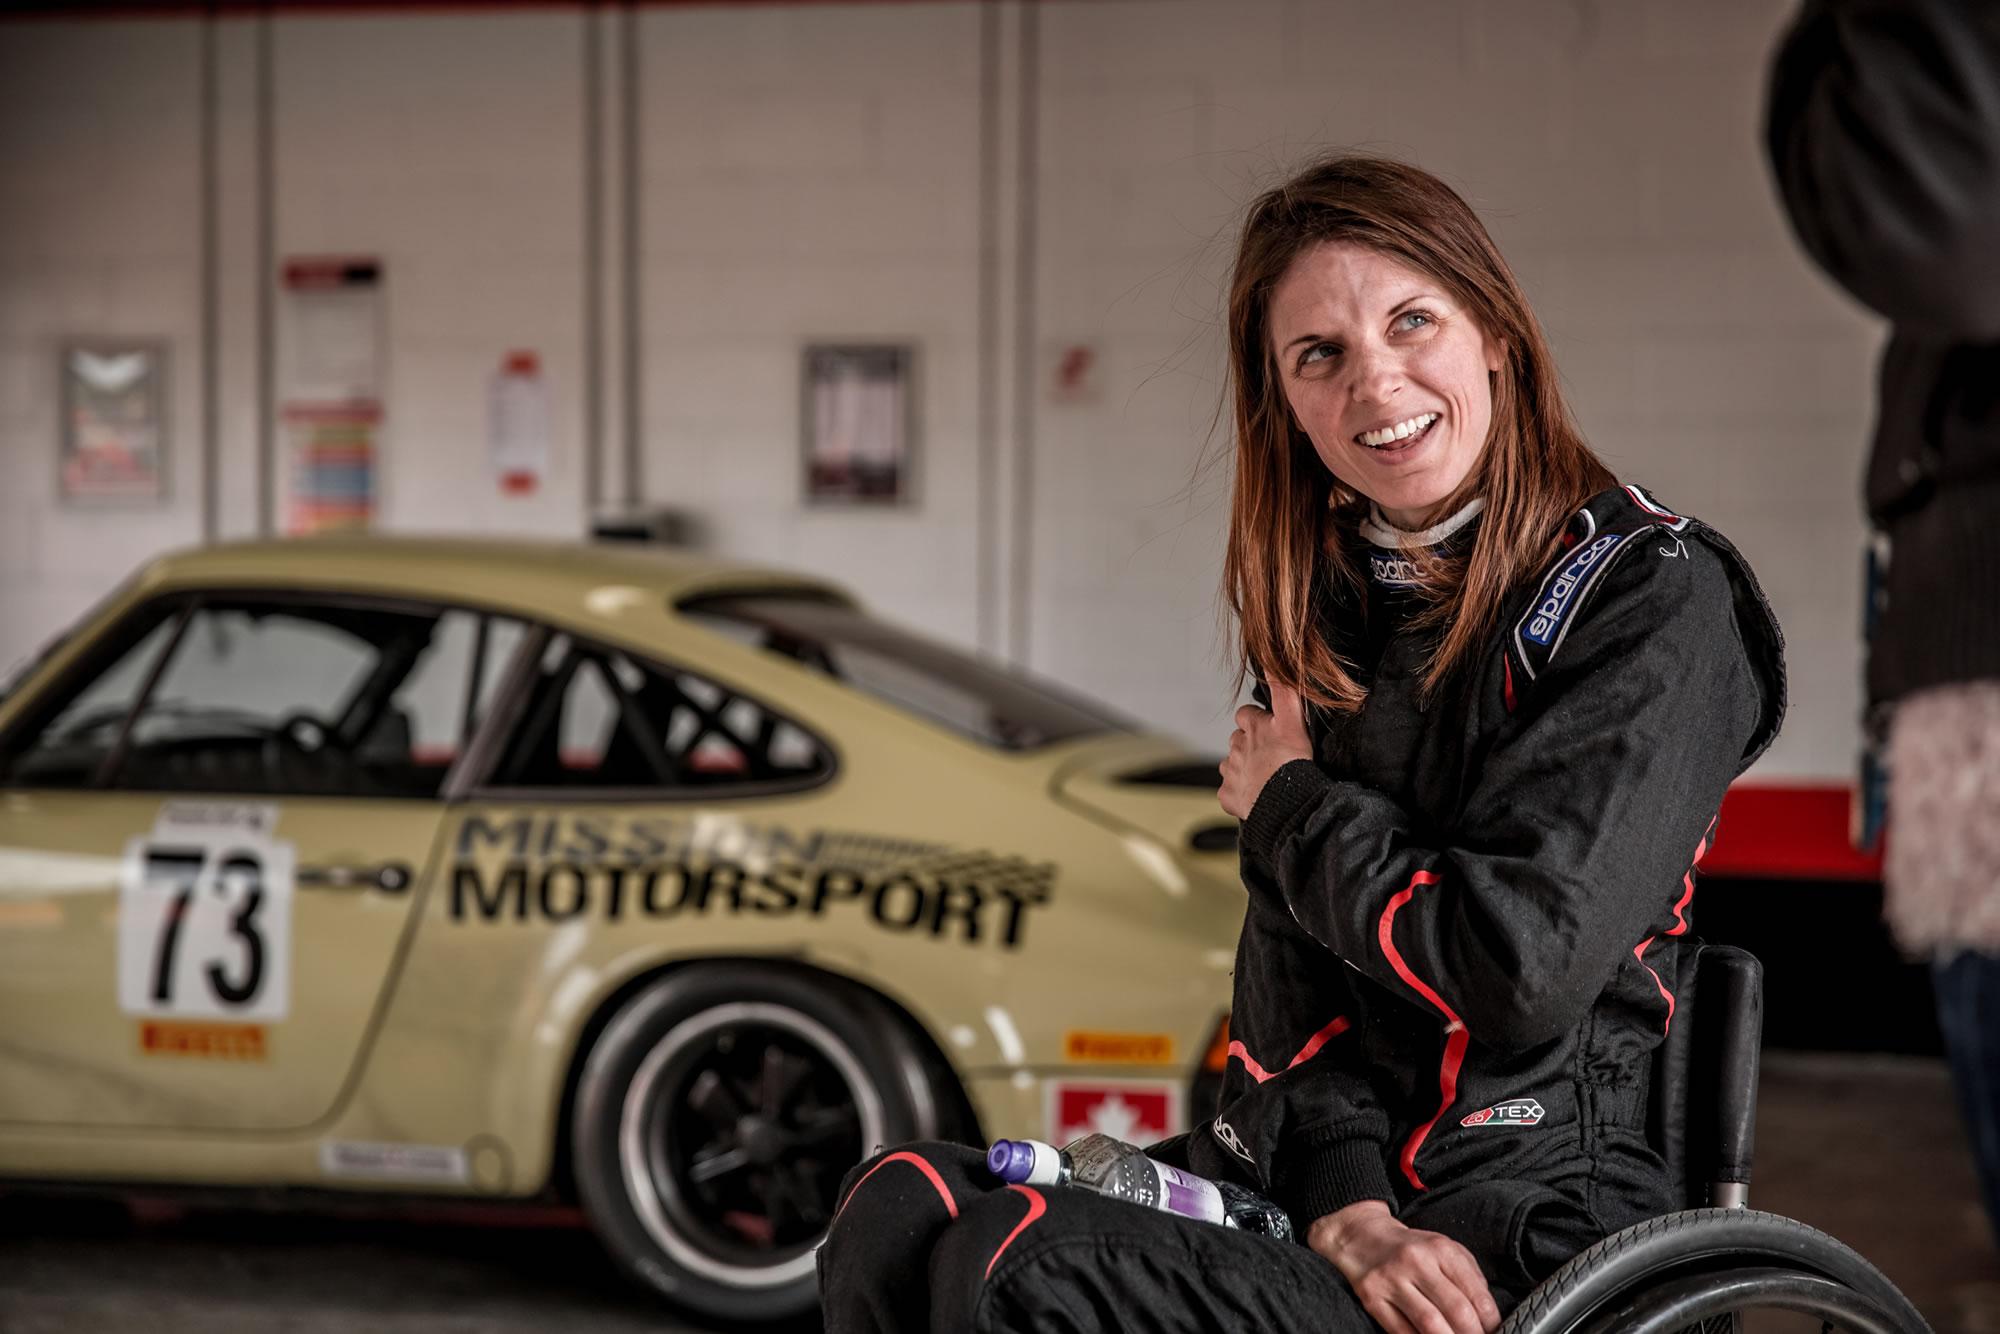 Nathalie_McGloin_Racer_FH2A4215.jpg